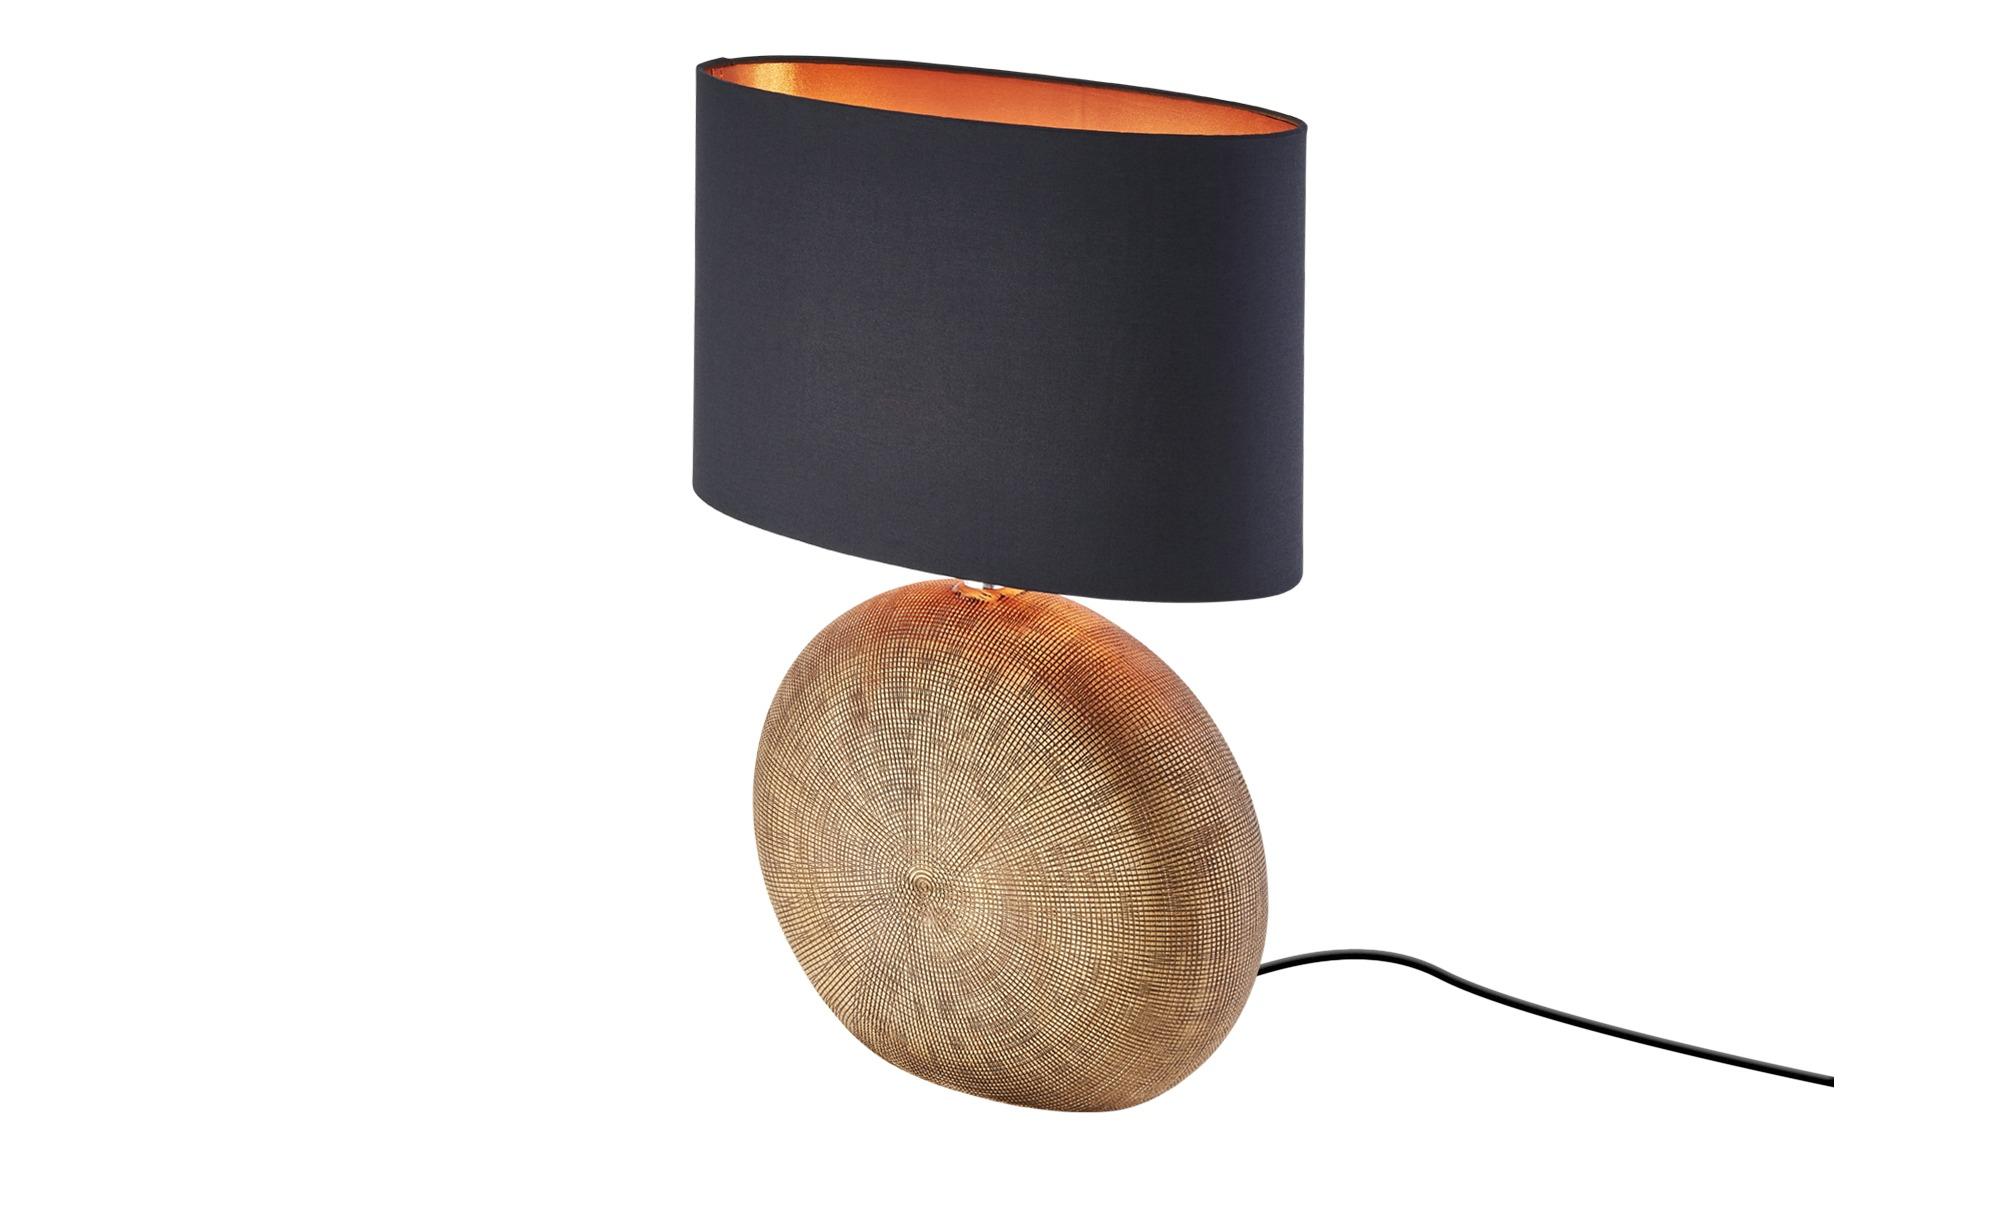 Keramik-Tischleuchte, 1-flammig, Schirm oval ¦ gold ¦ Maße (cm): B: 17 H: 53 Lampen & Leuchten > Innenleuchten > Tischlampen - Höffner